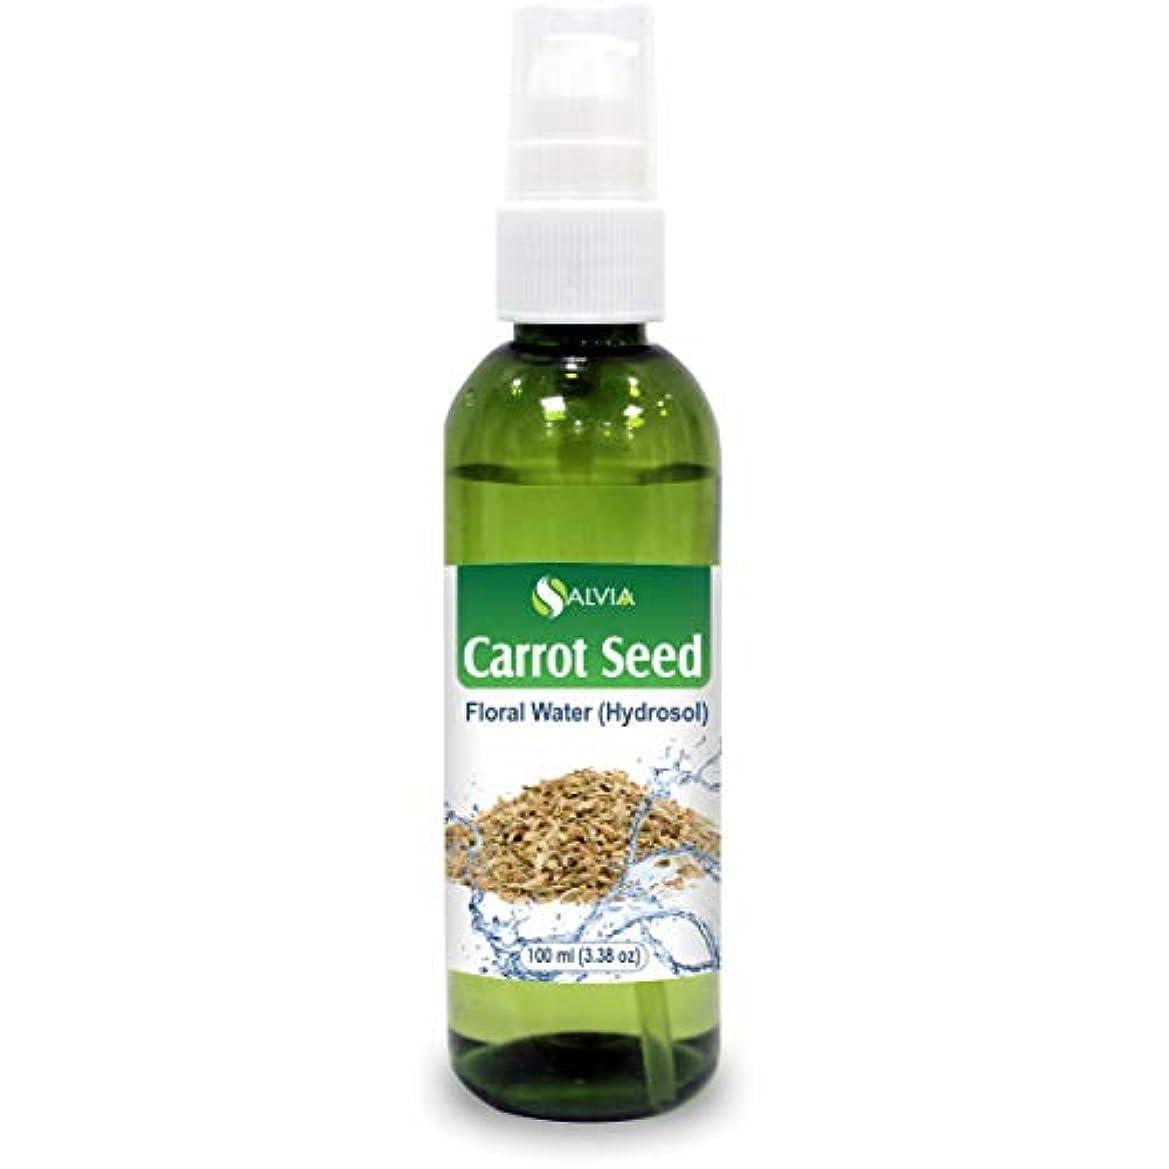 ベジタリアンエキゾチック拡張Carrot Seed Floral Water Floral Water 100ml (Hydrosol) 100% Pure And Natural